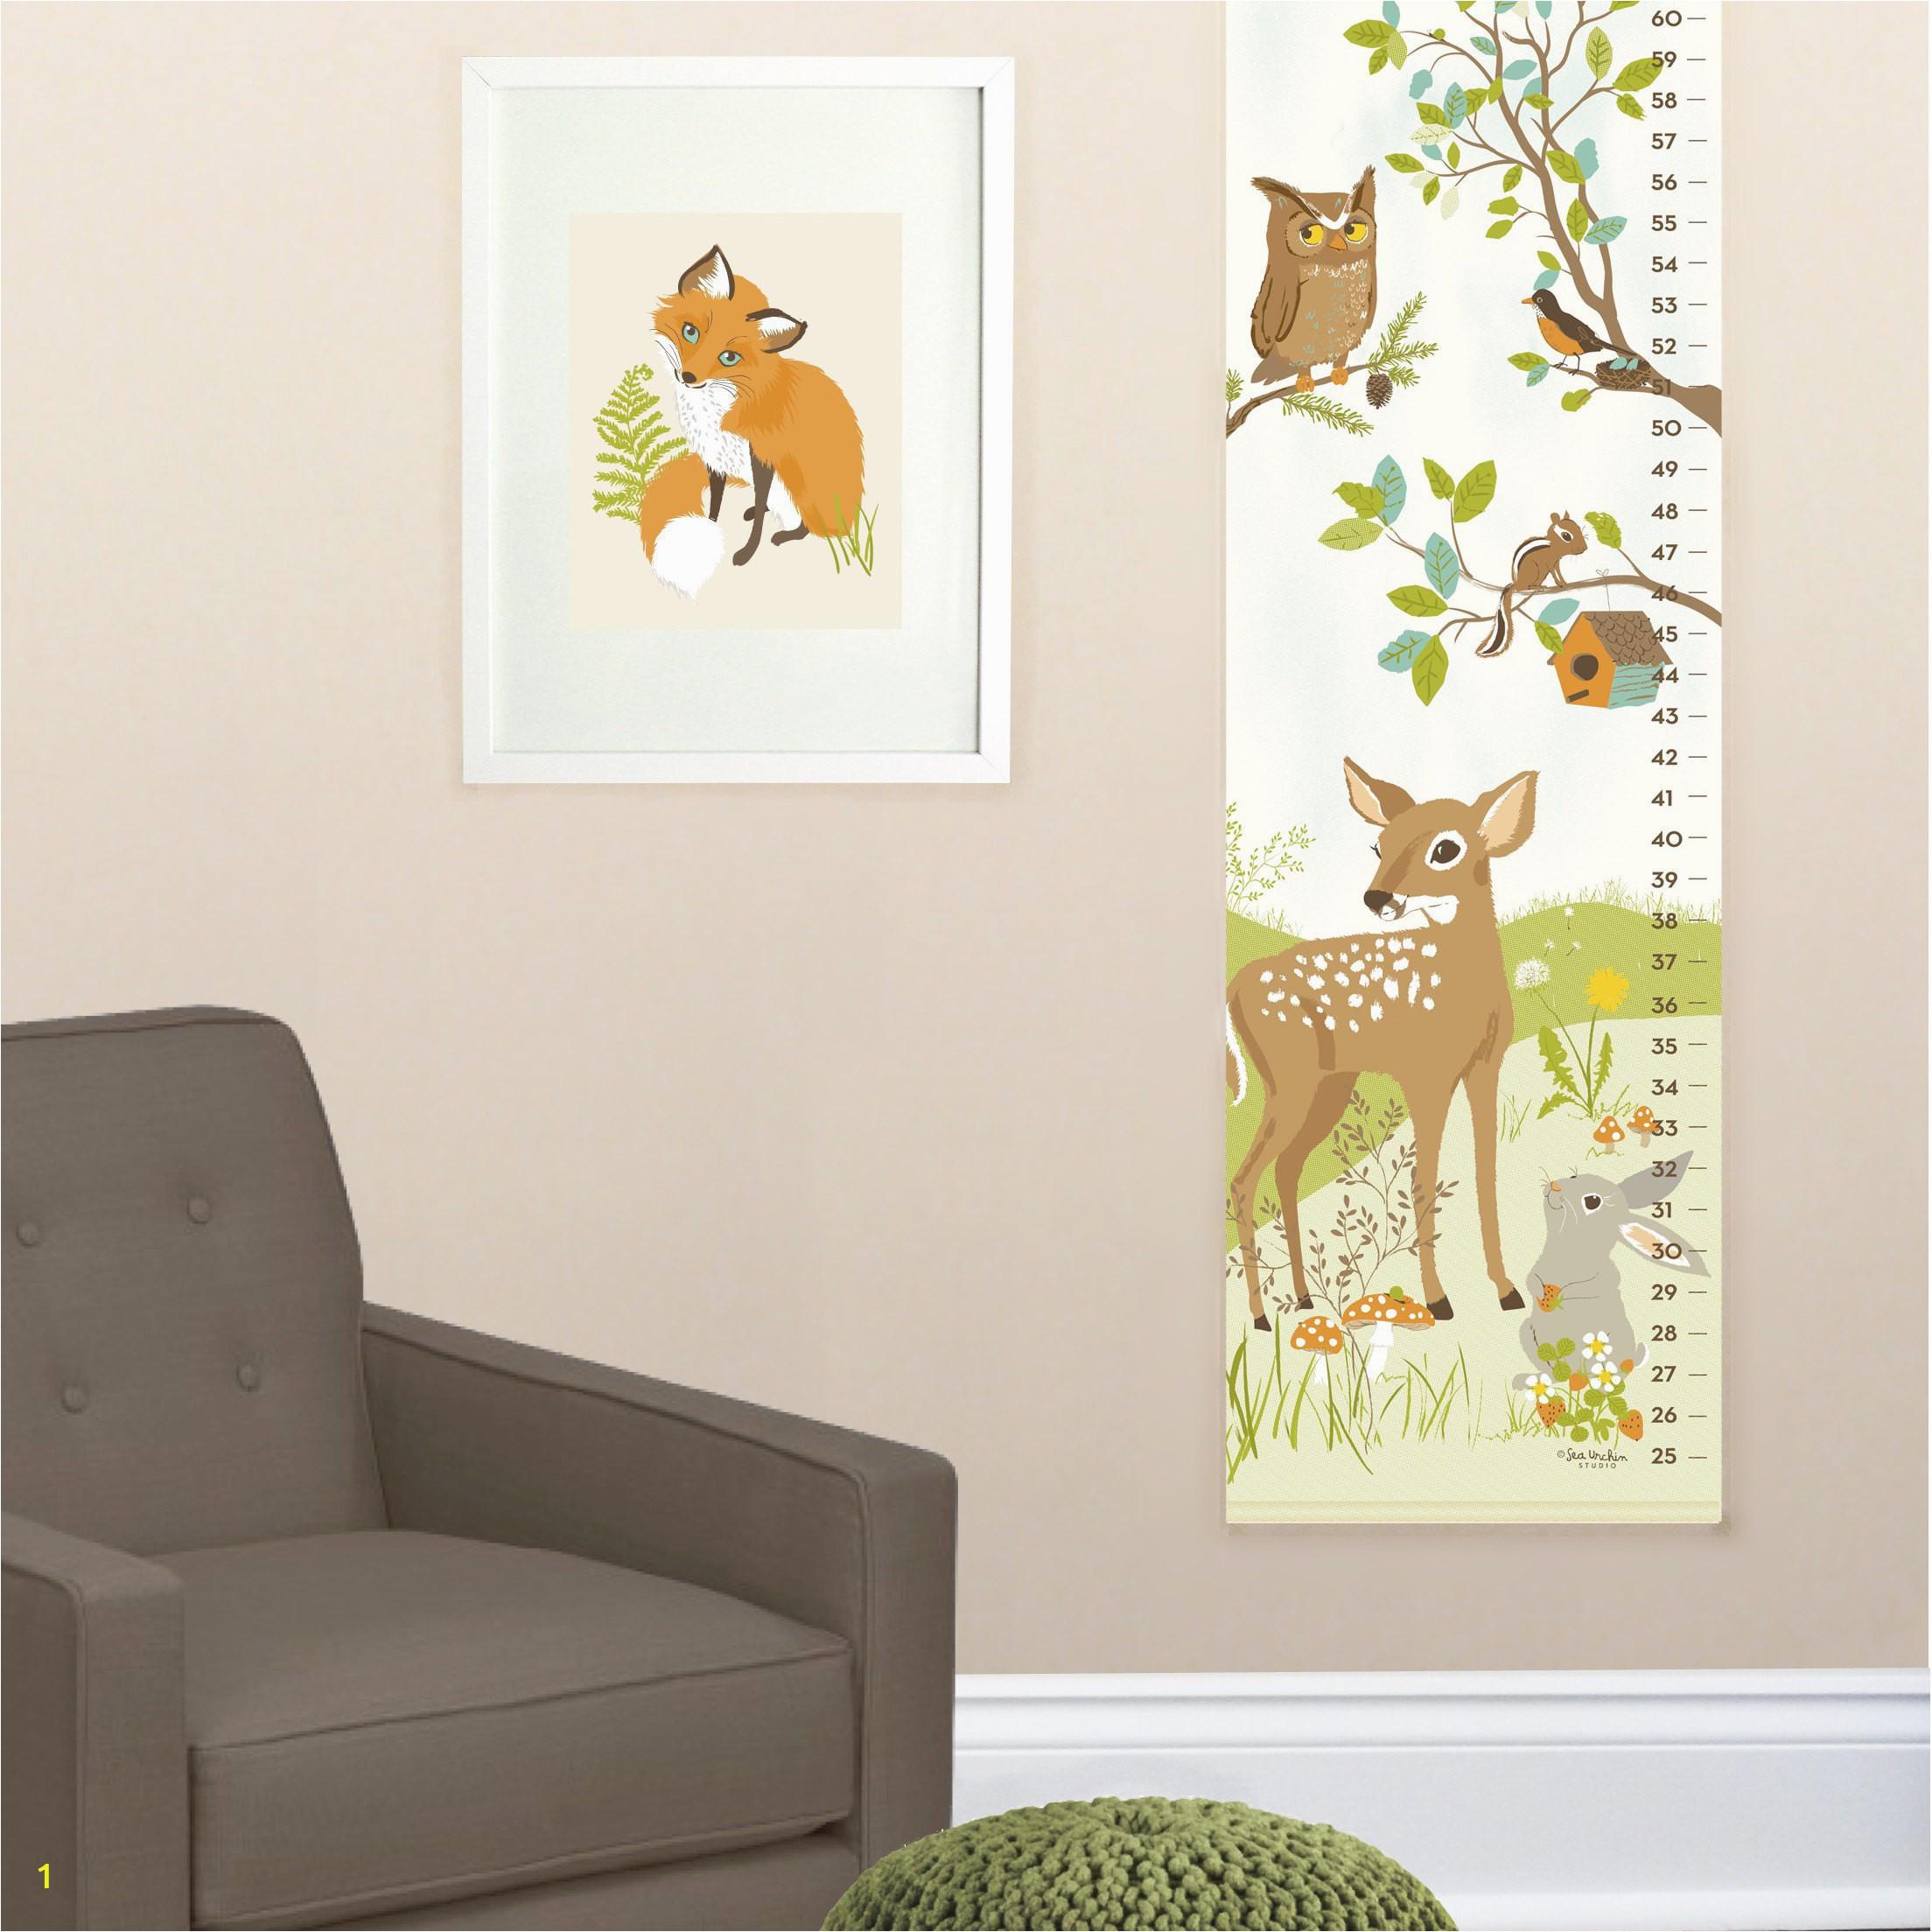 palm tree wall decals unique 1 kirkland wall decor home design 0d regarding best office wall art of best office wall art